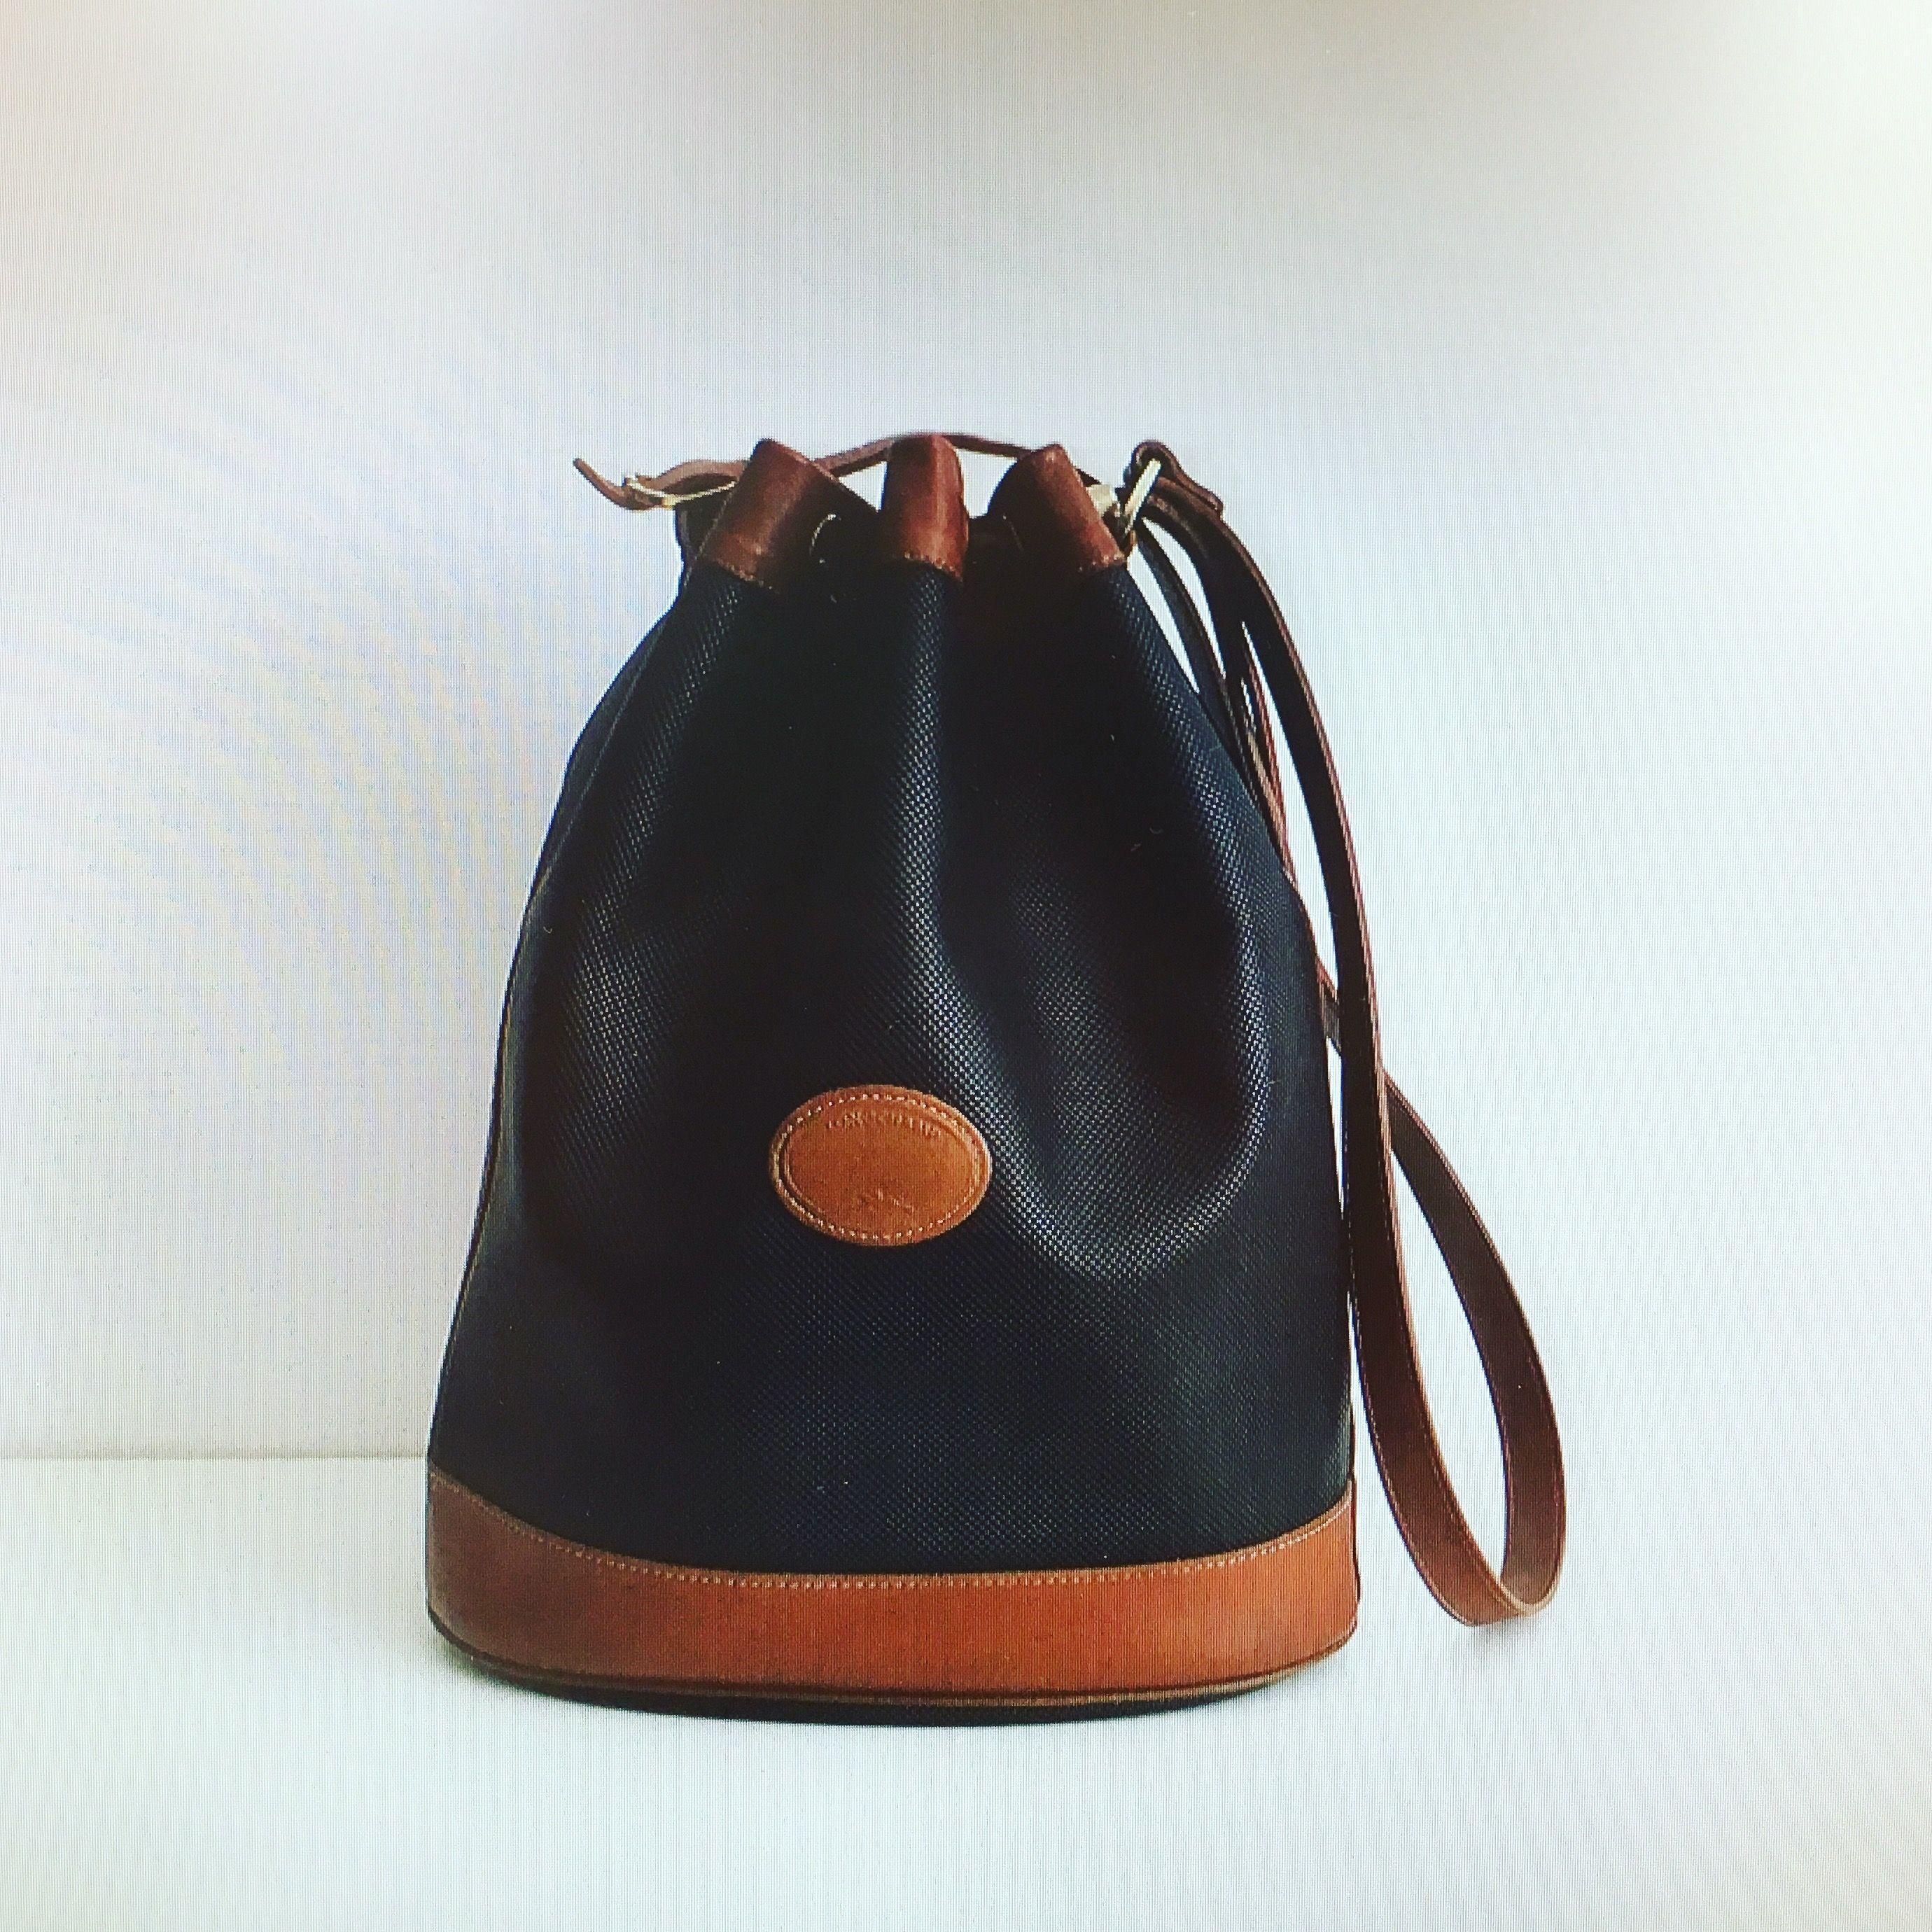 Longchamp sac seau Longchamp sac seau cuir longchamp | Etsy ...